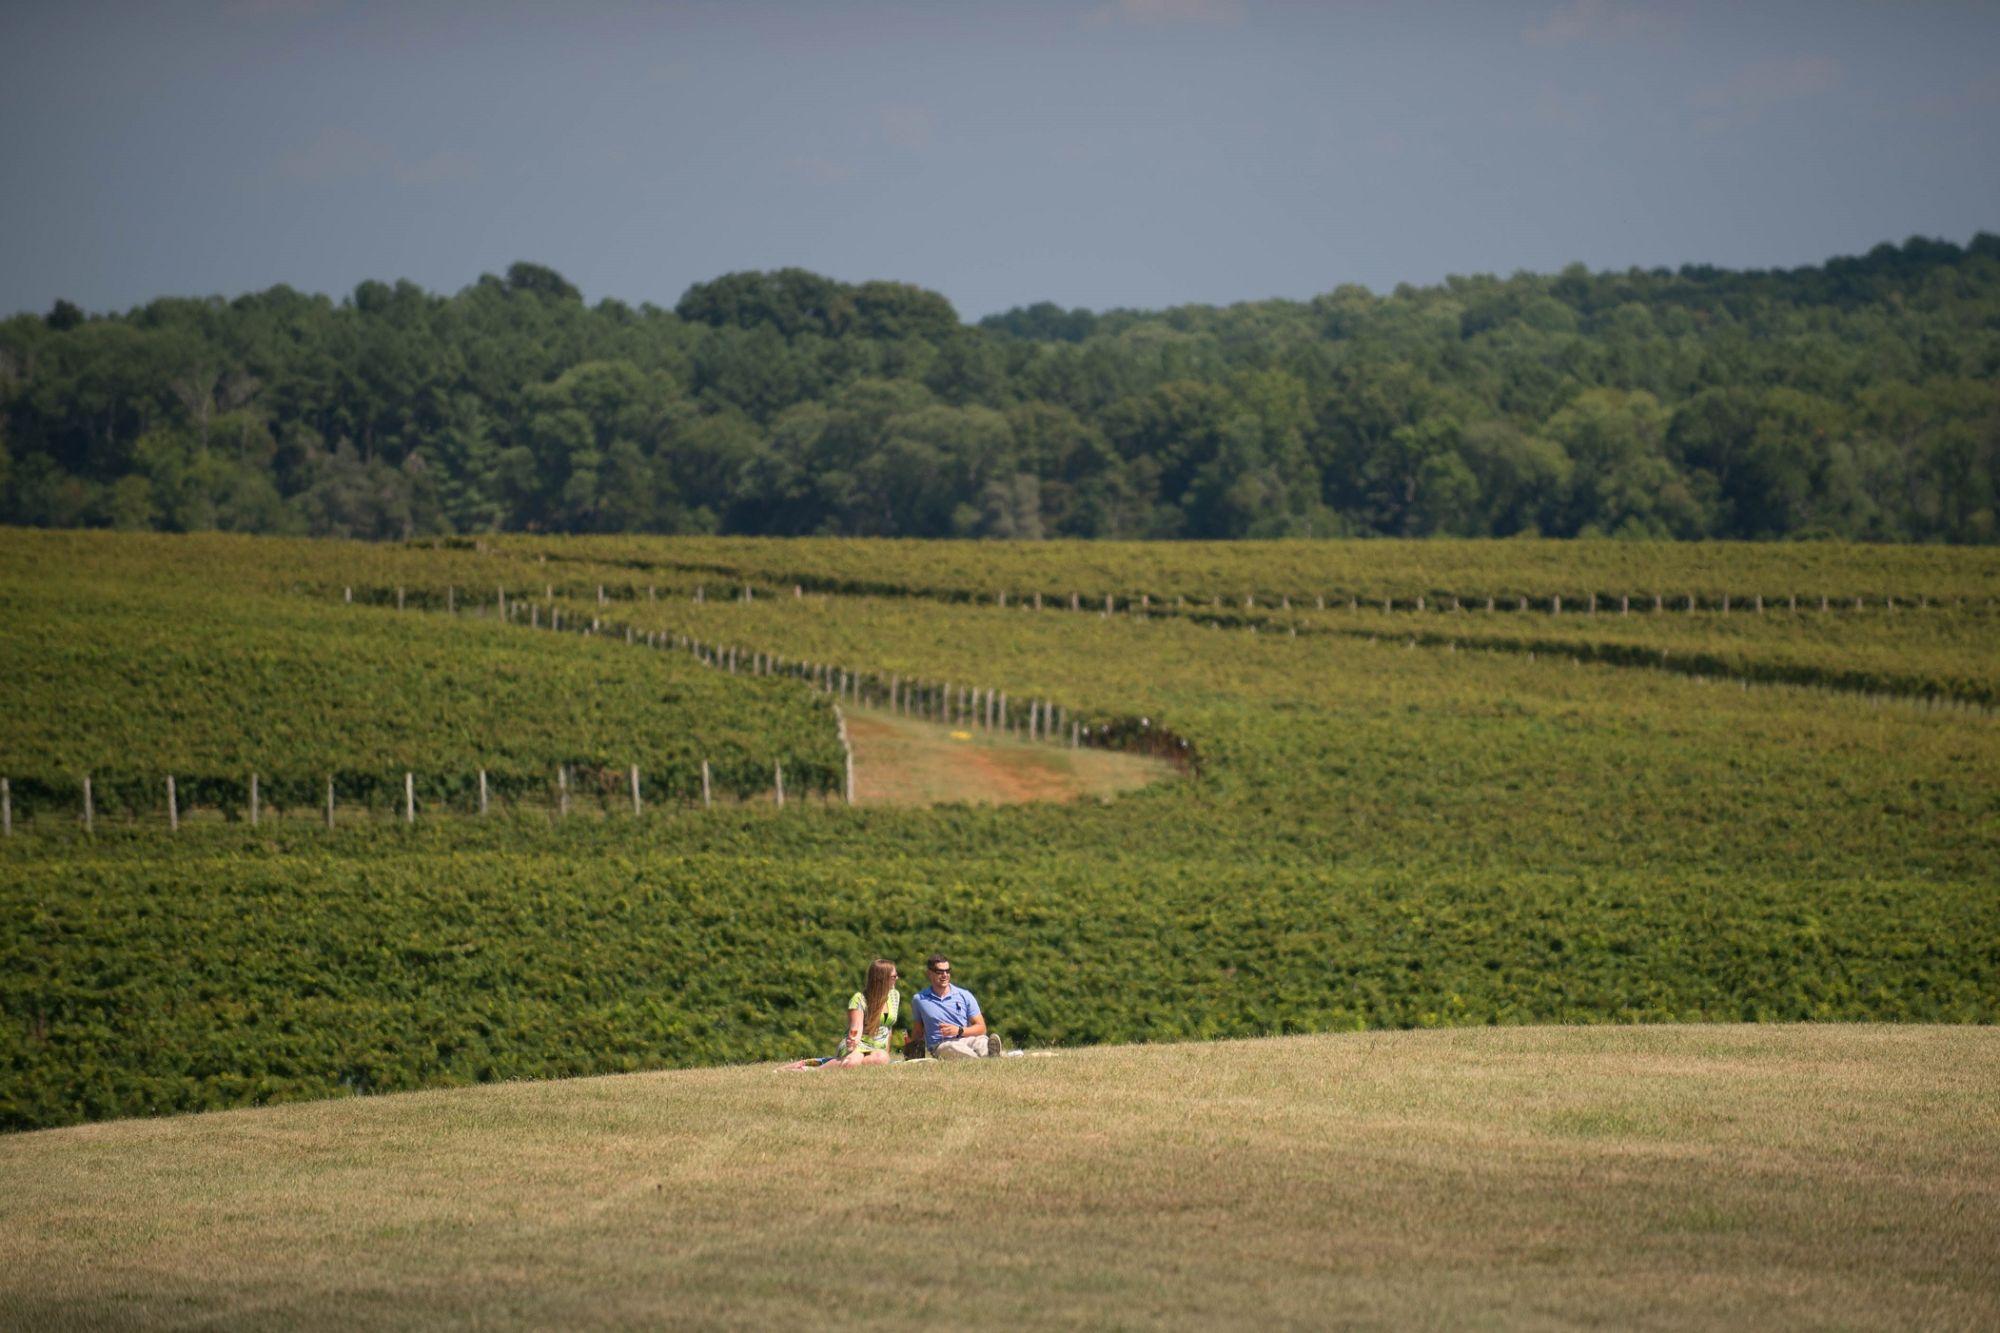 Trump Winery Vineyard